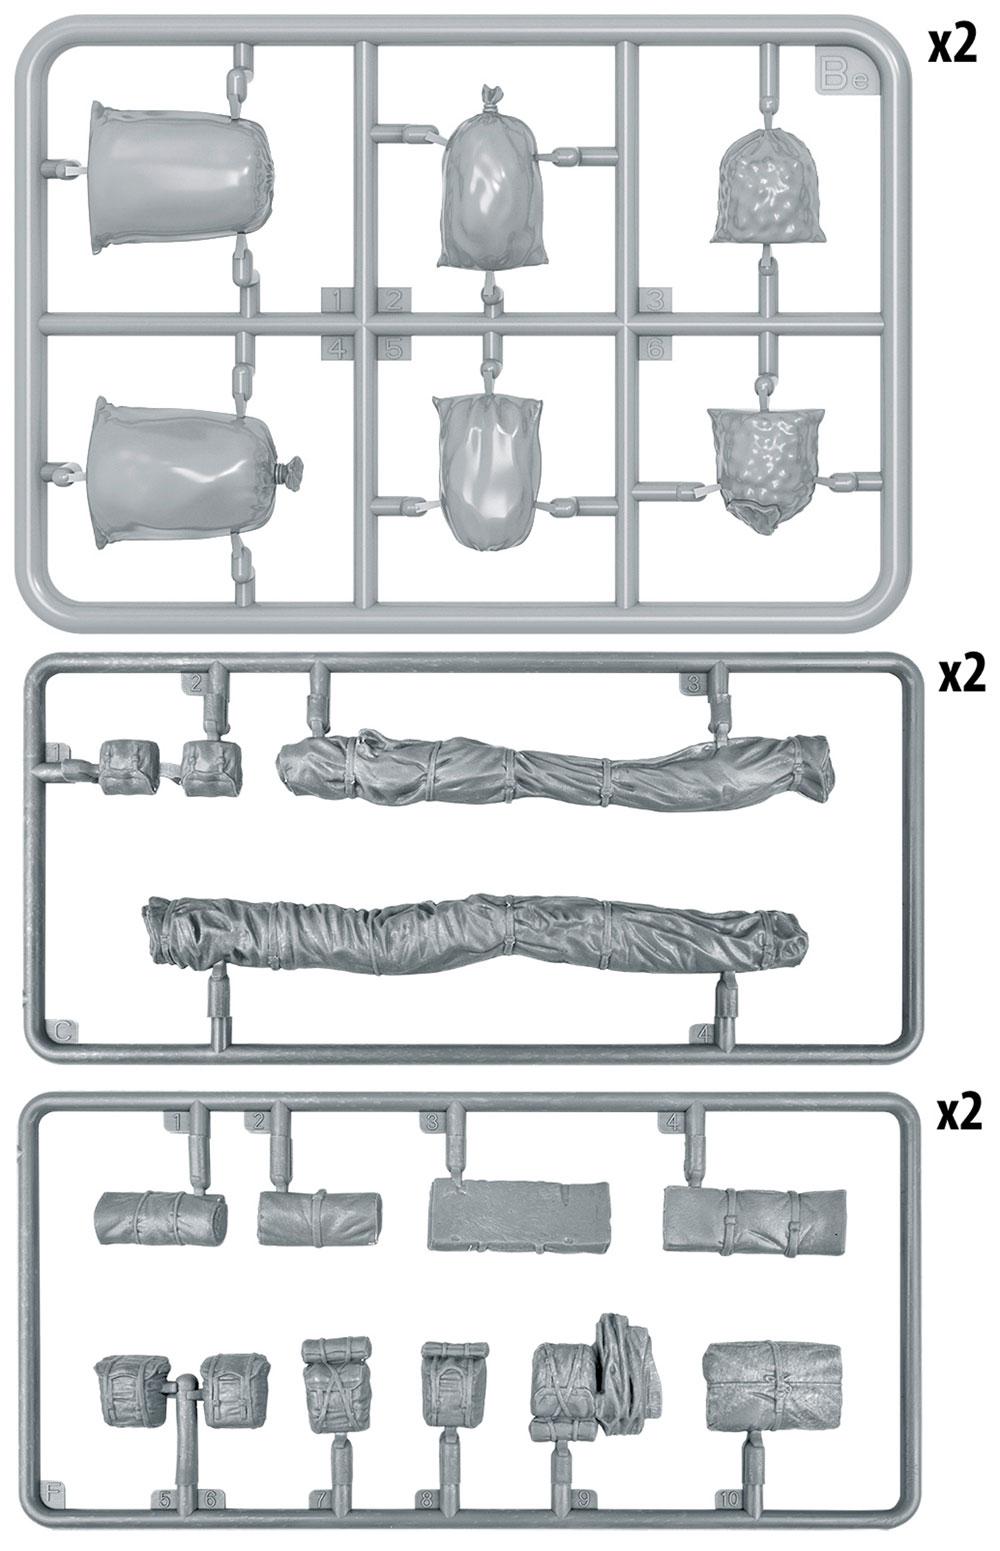 イギリス 軍用リュックサック、フィールドキャンバス & バッグ WW2プラモデル(ミニアート1/35 ビルディング&アクセサリー シリーズNo.35599)商品画像_2